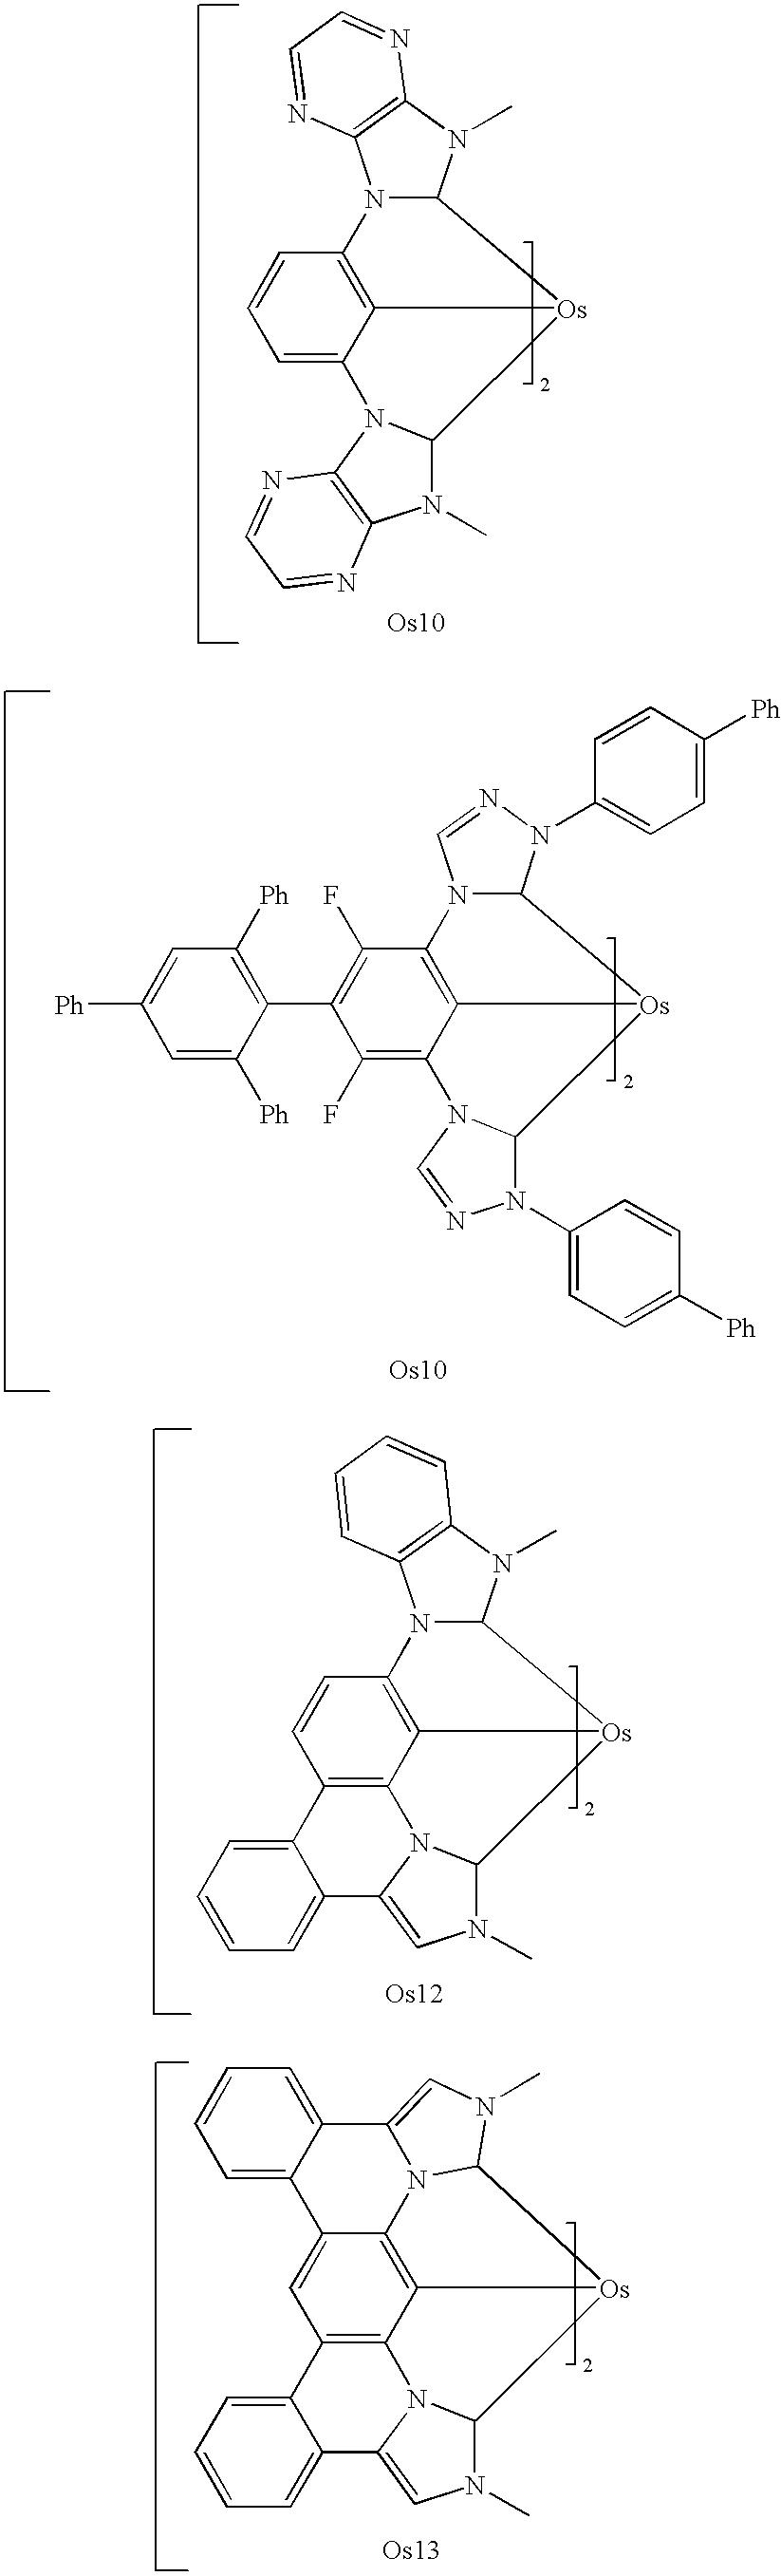 Figure US08383249-20130226-C00015